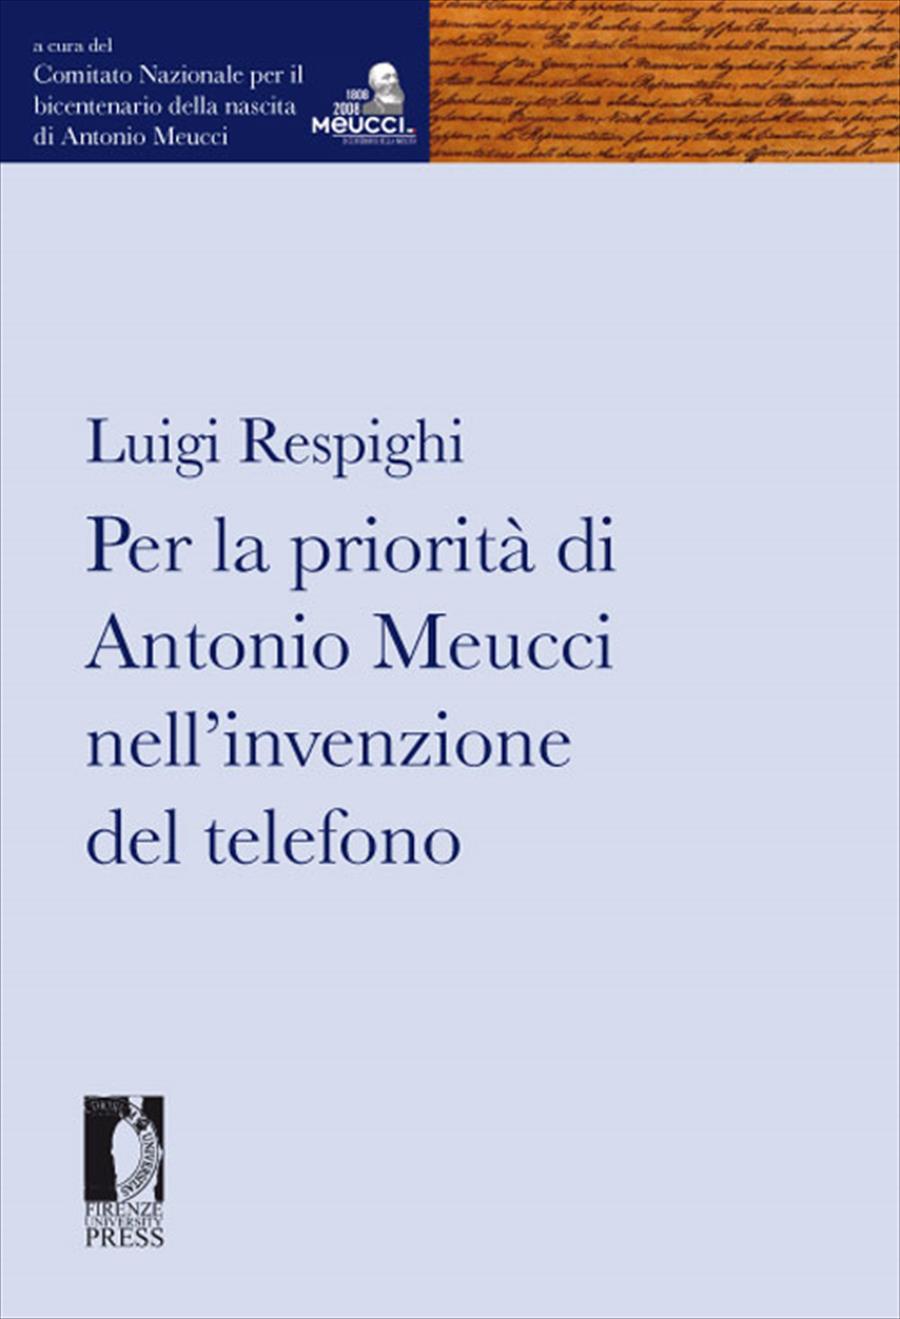 Per la priorità di Antonio Meucci nell'invenzione del telefono